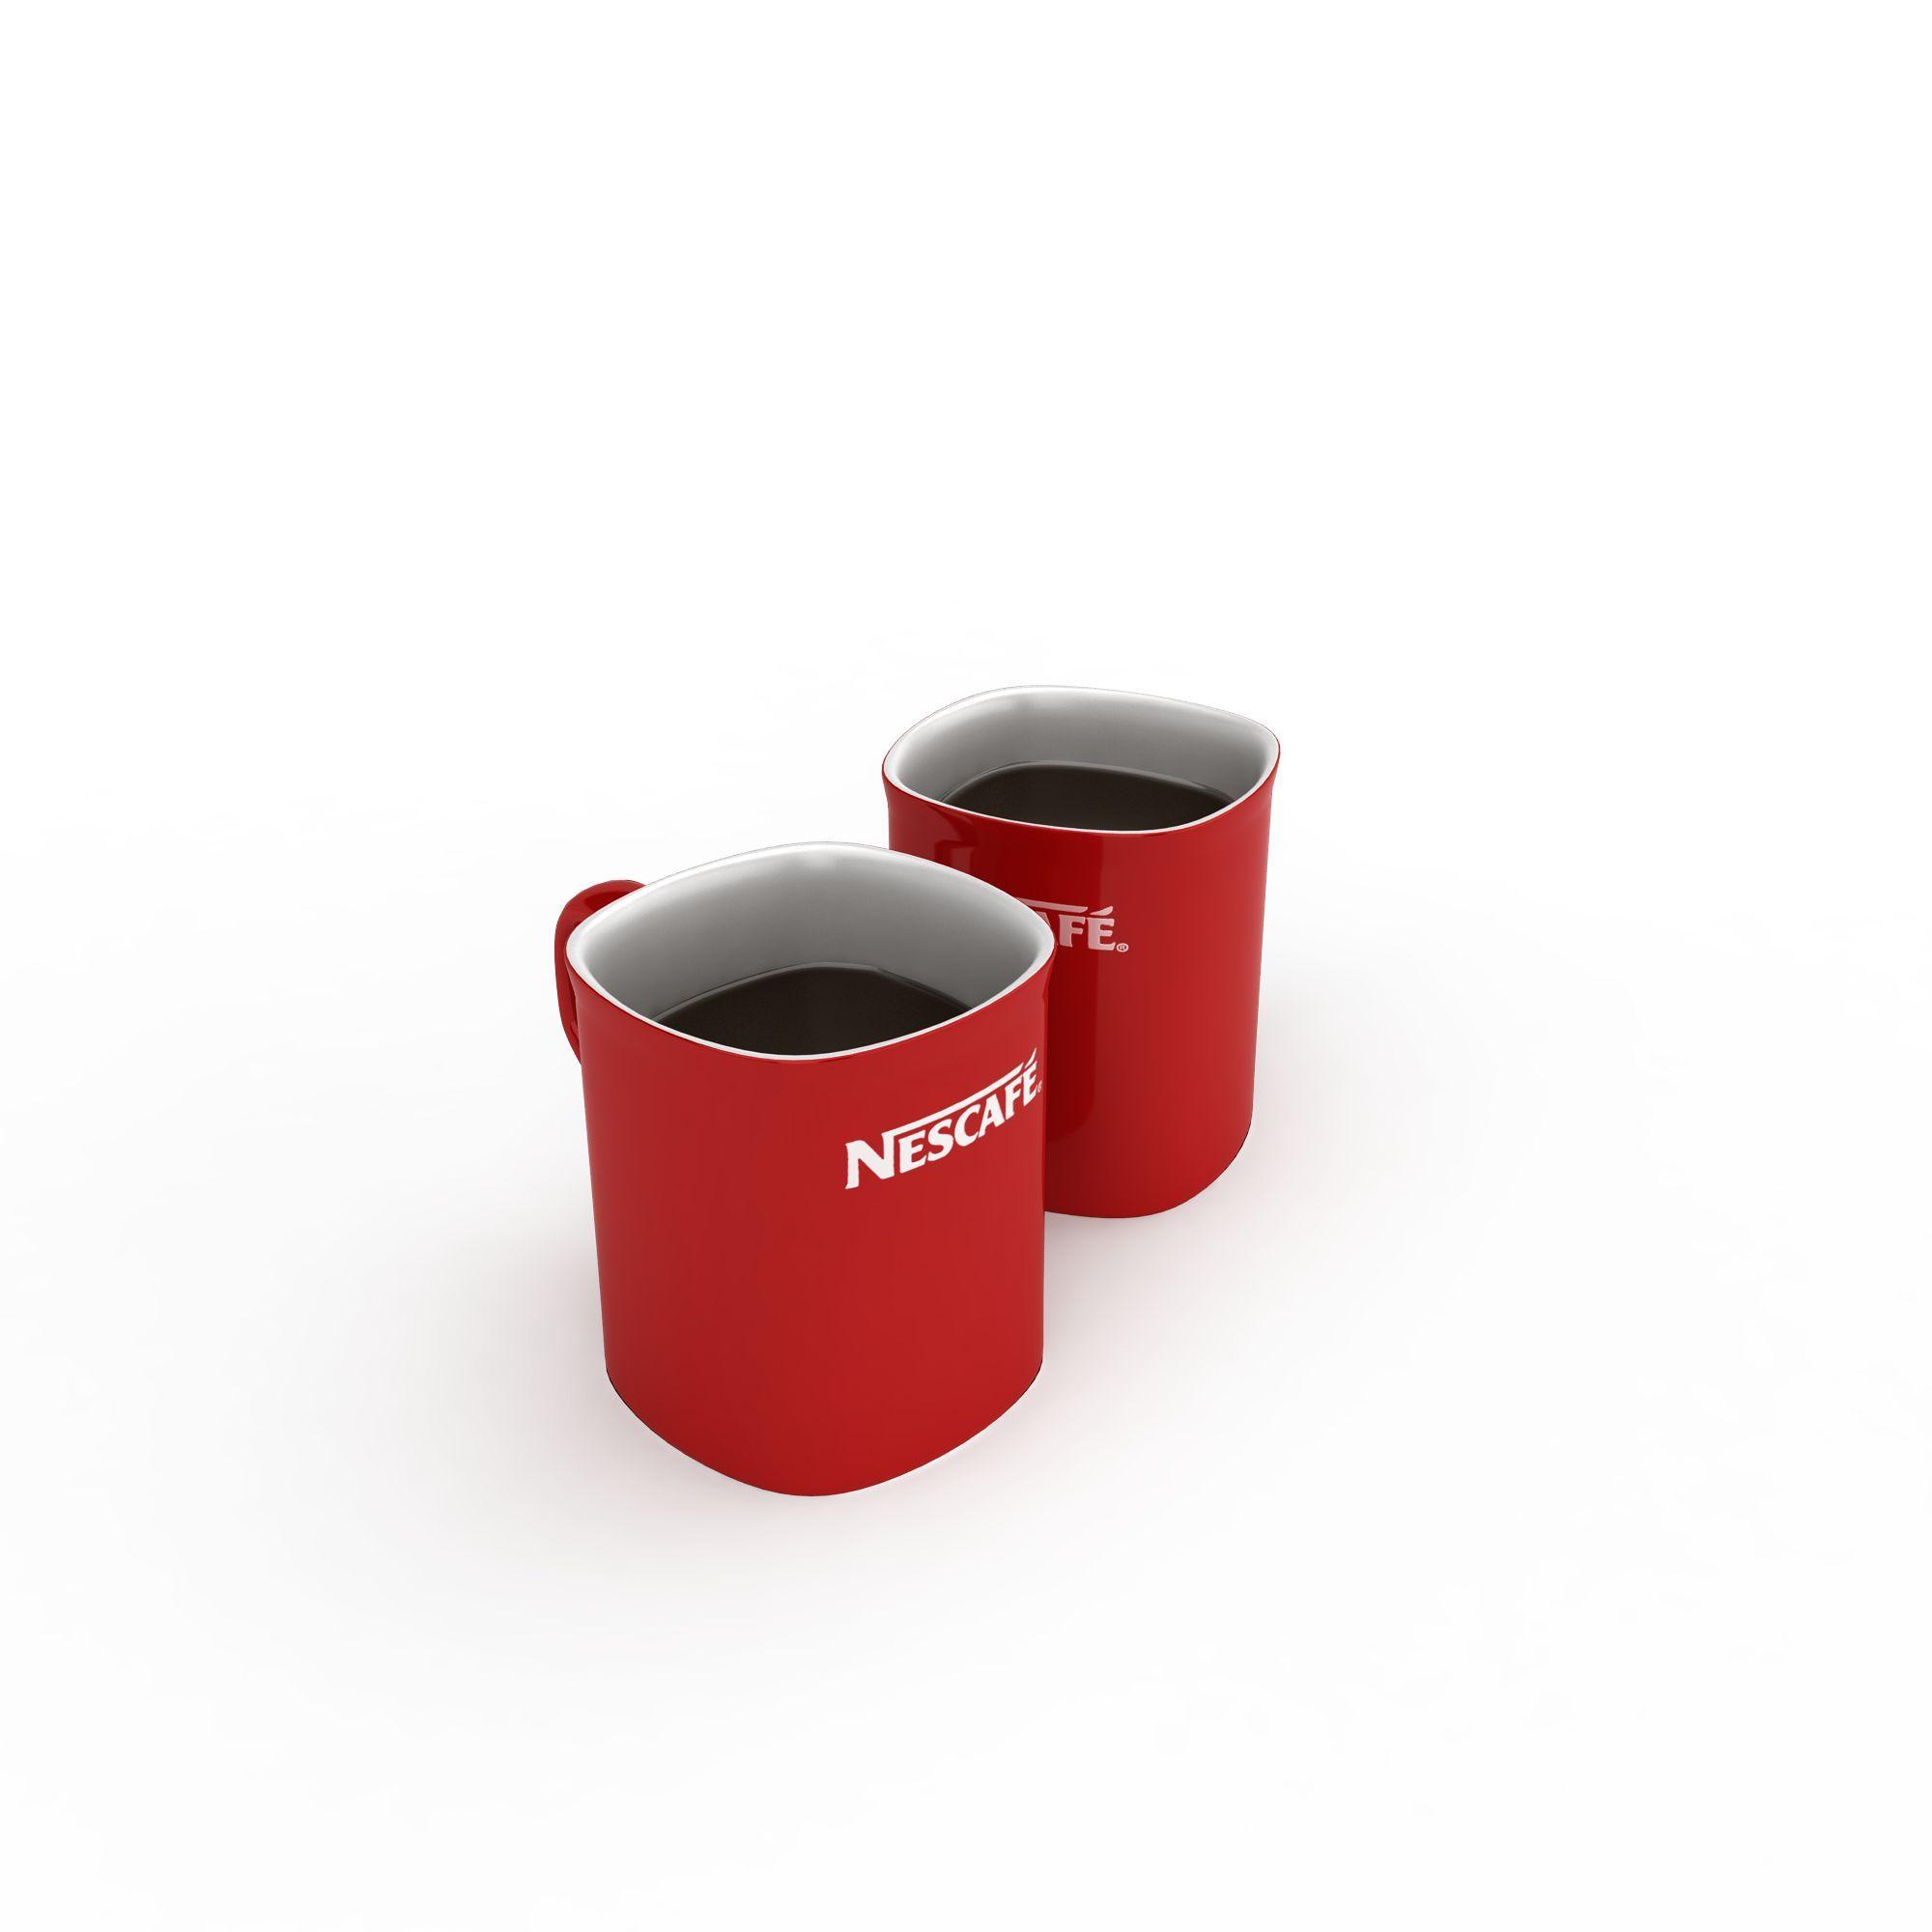 咖啡杯子3d模型 咖啡杯子png高清图  咖啡杯子高清图详情 设计师 3d